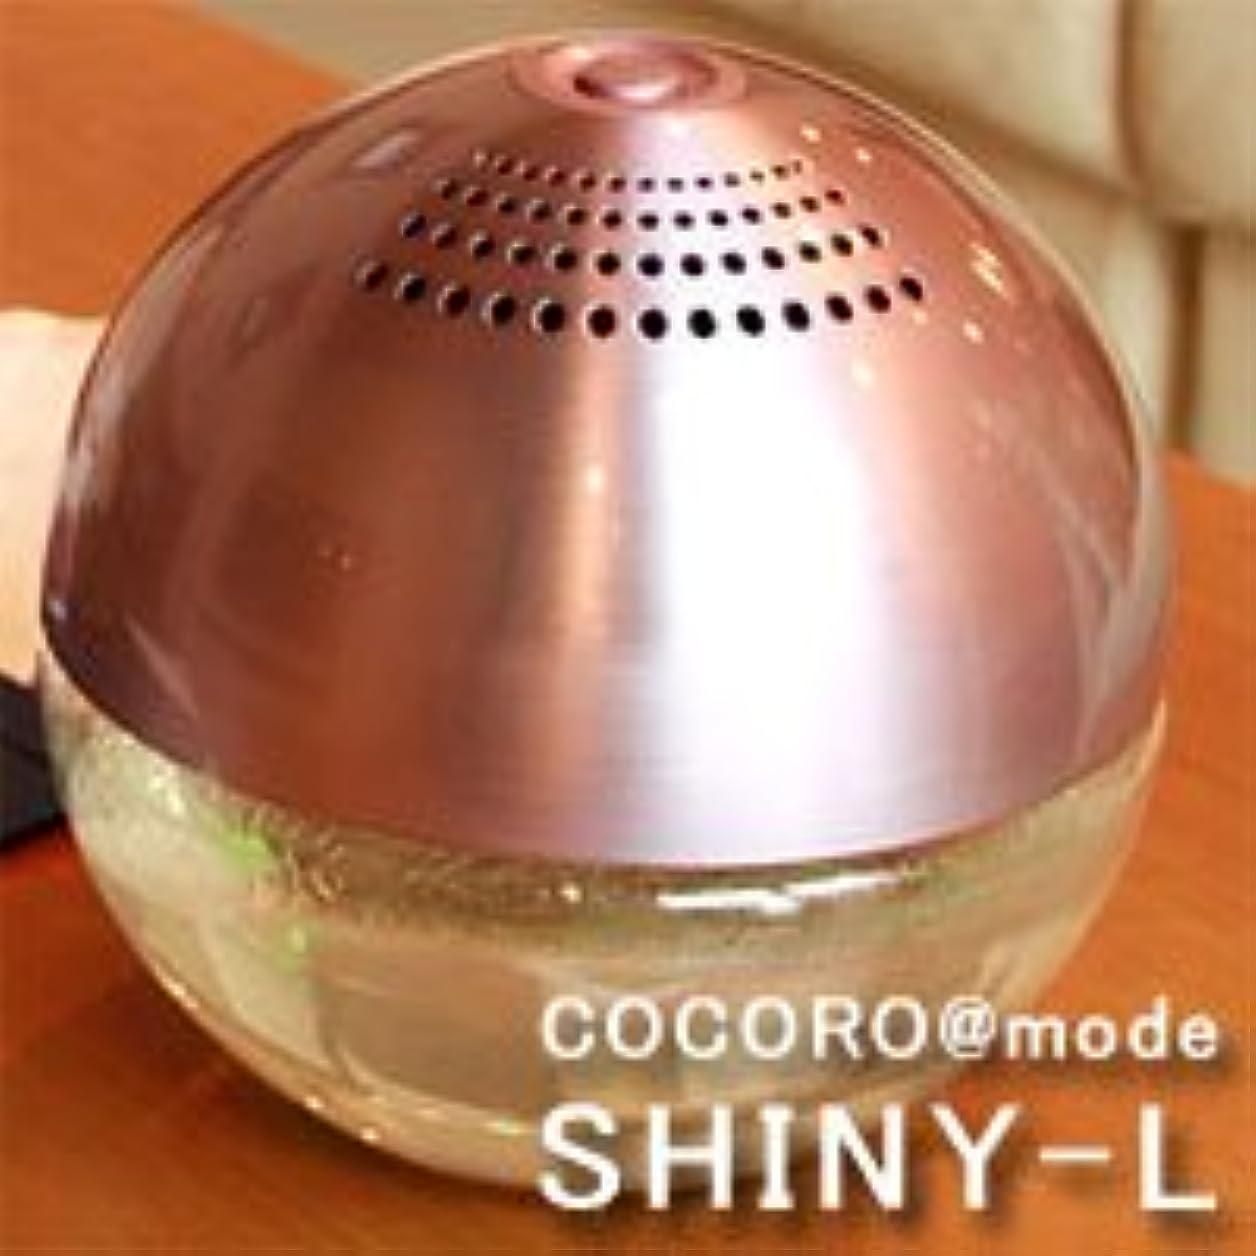 代替お嬢重なるCOCORO mode(ココロモード) 空気清浄機 シャイミー(旧名シャイニー) Lサイズ 約19×20×20cm (アロマソリューション10ml×3本付) ゴールド